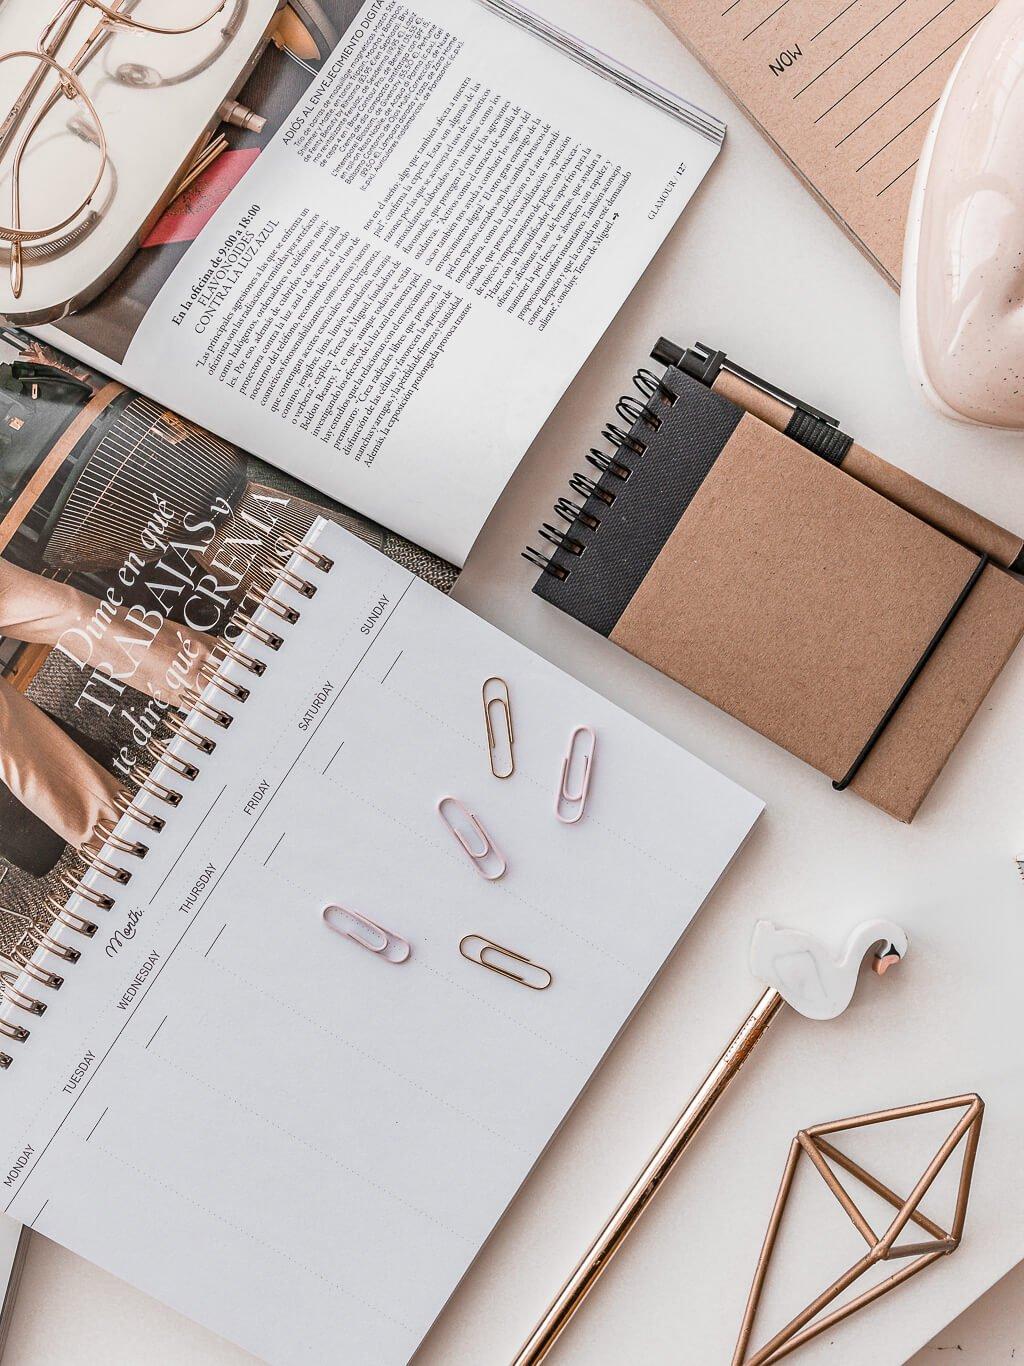 איך כותבים פוסט לבלוג - הפורמולה לכתיבת פוסט איכותי ומעניין